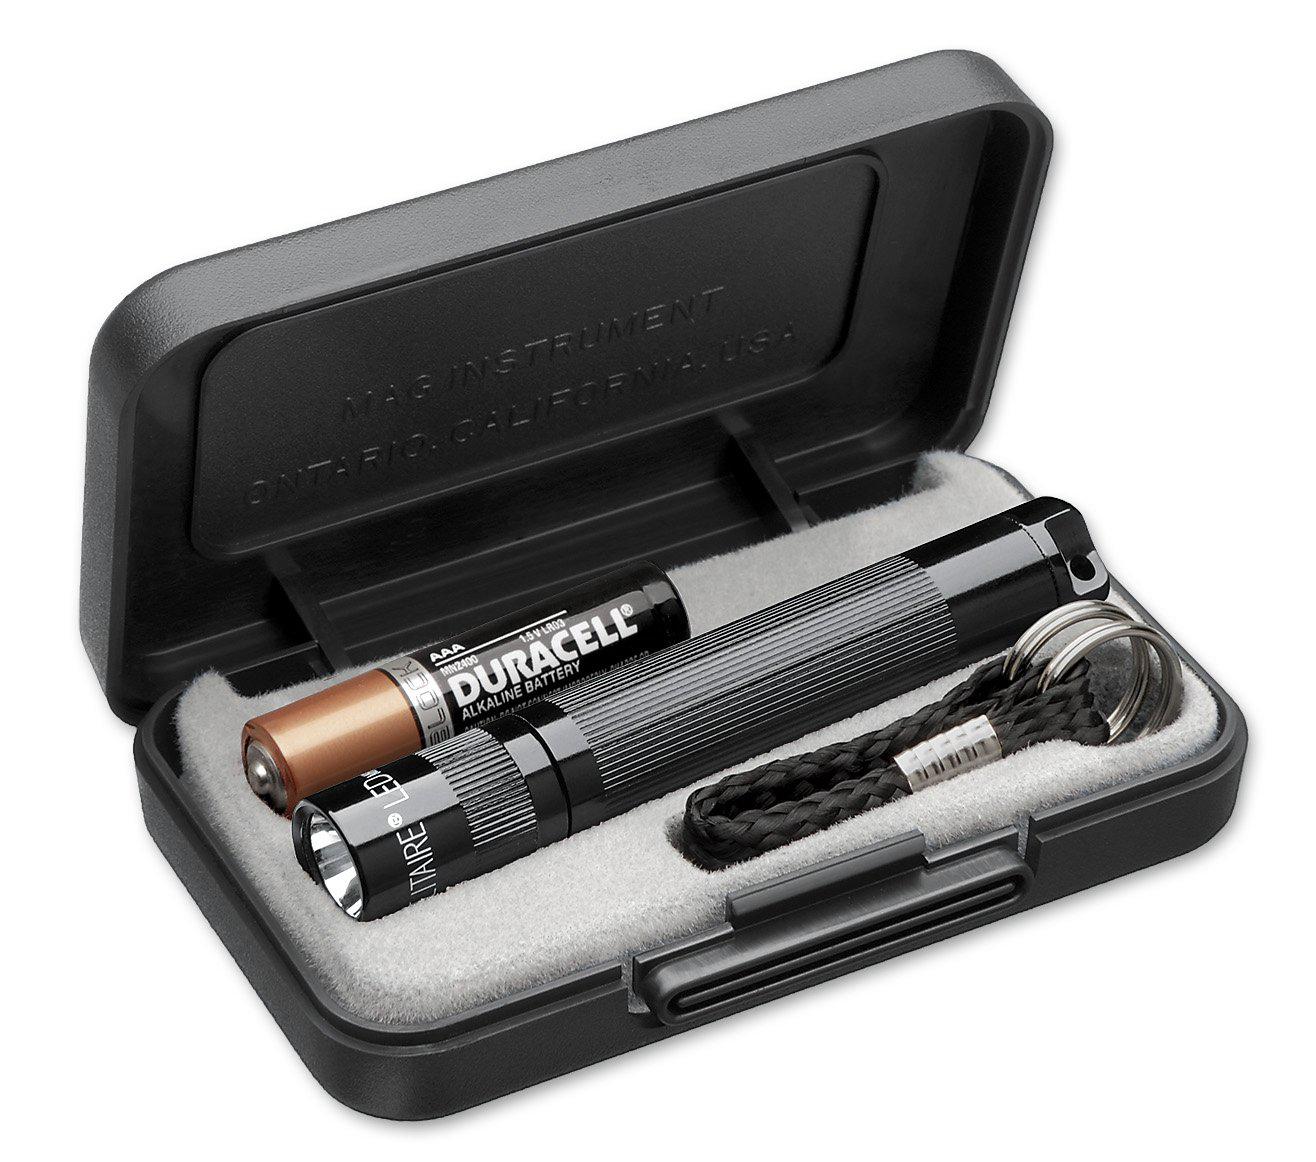 K3A012E Фонарь-брелок Maglite, Solitaire, 1AАА, черный, 8,1 см, в пластиковой коробке, 0099999940275